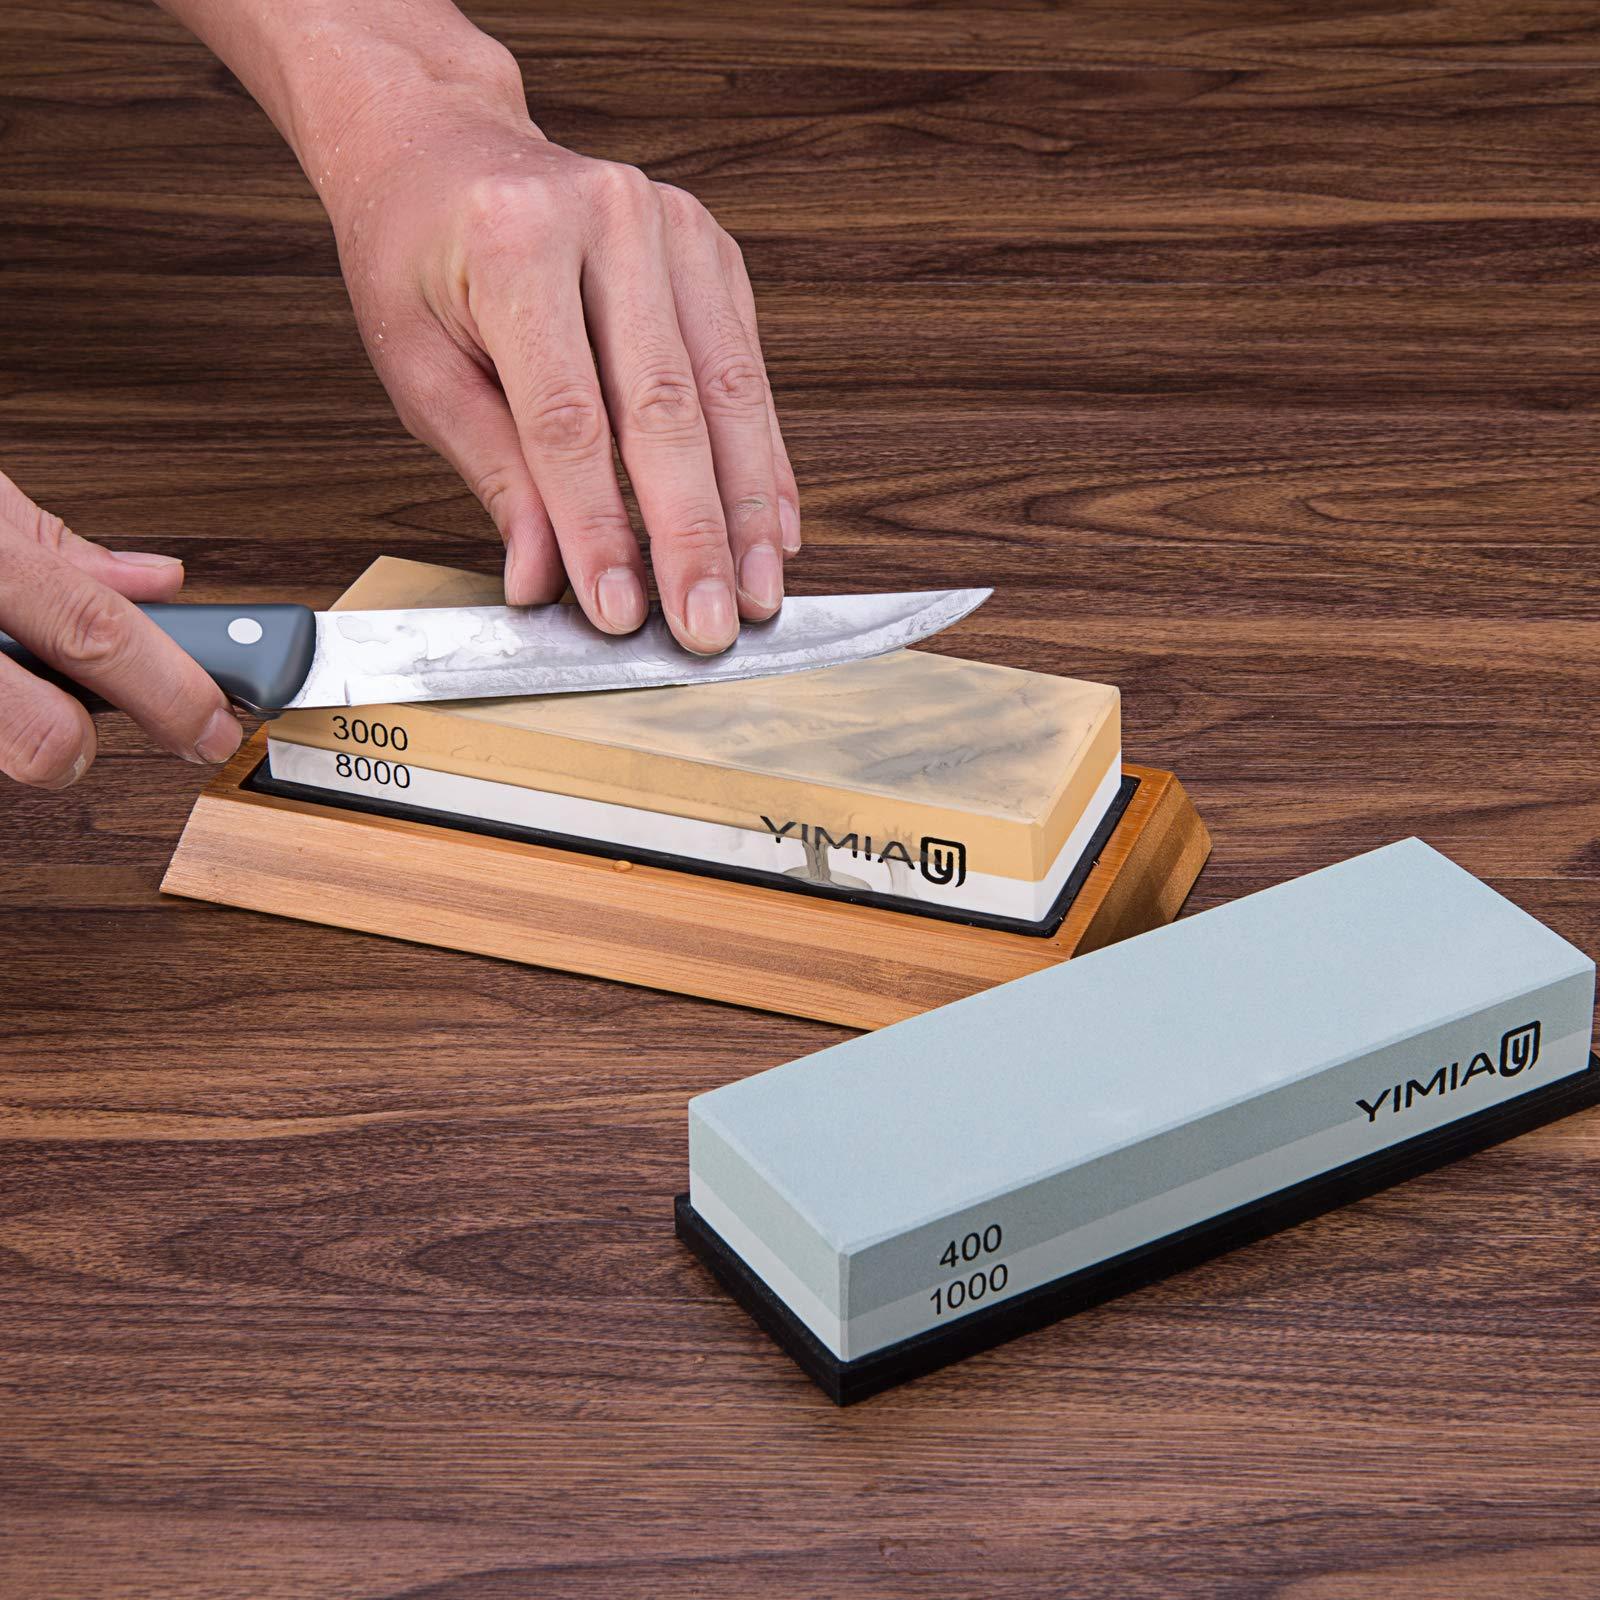 Premium Knife Sharpening Stone Kit, YIMIA 4 Side Grit 400/1000 3000/8000 Whetstone, Knife Sharpener Waterstone with Non-Slip Bamboo Base & Flattening Stone & Angle Guide by YIMIA (Image #6)